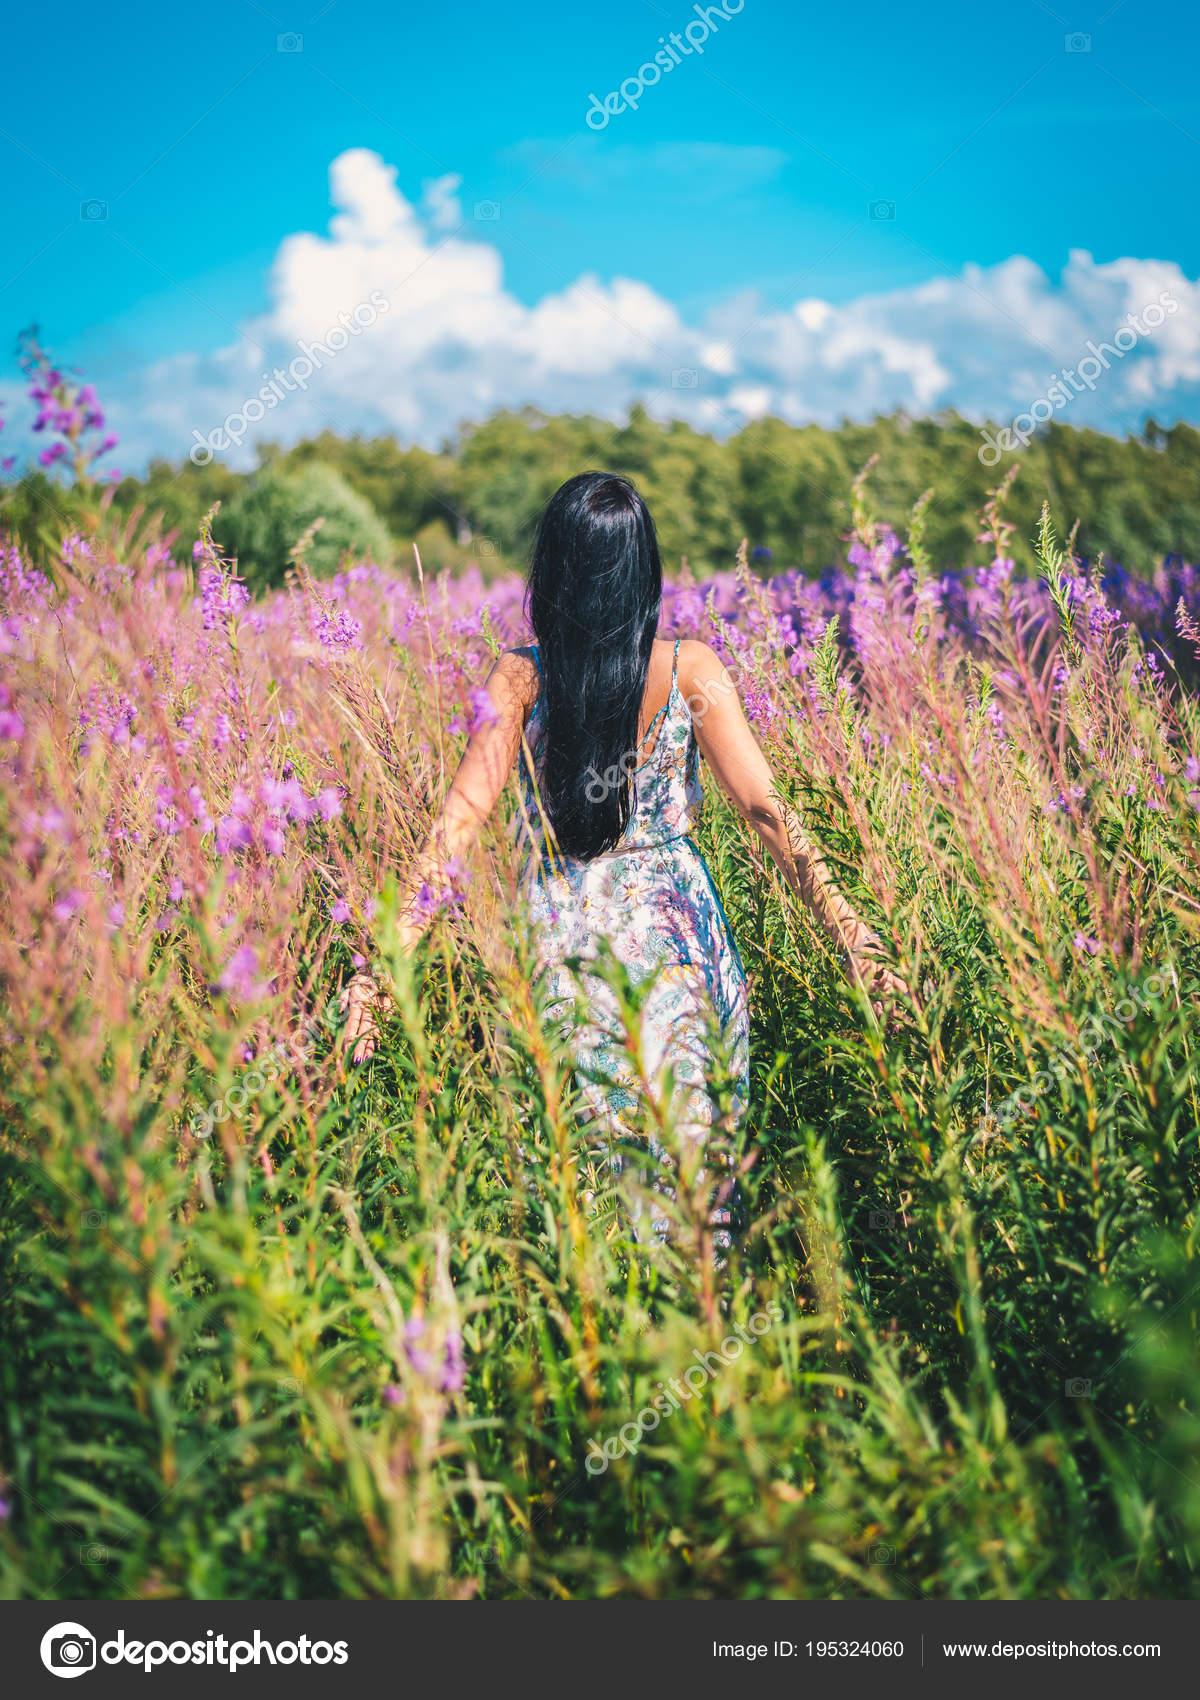 Young Brunette Woman Dress Standing Tall Grass Purple Flowers Field